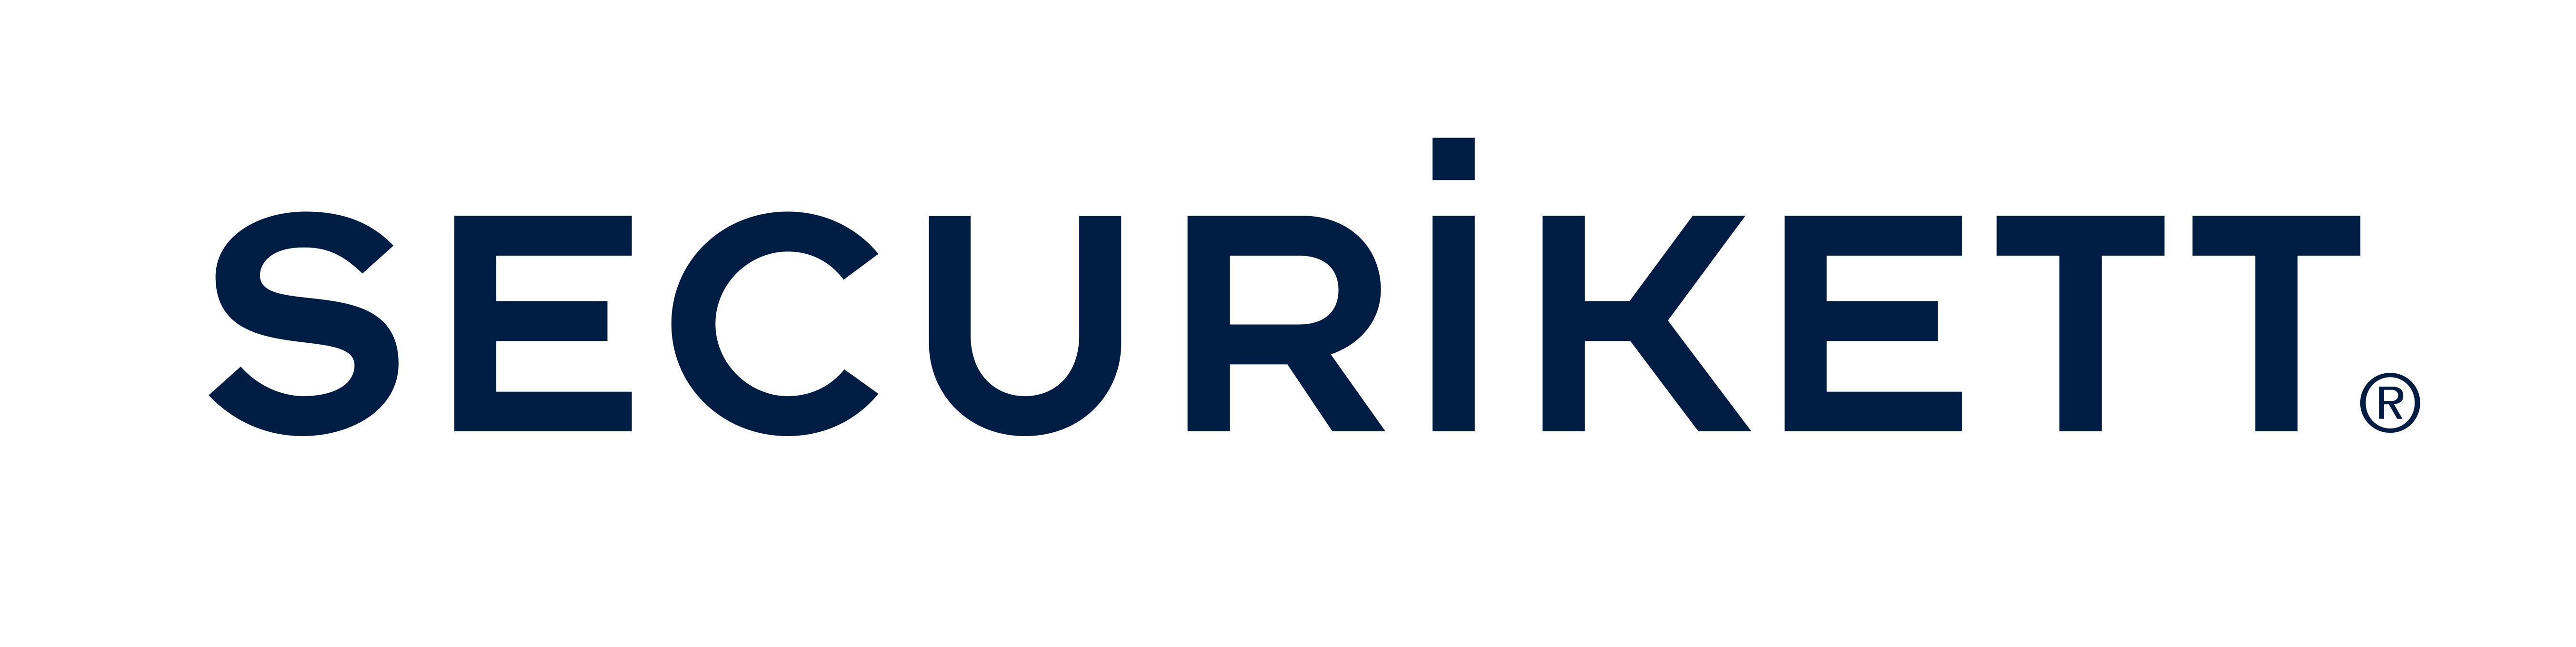 SECURIKETT Ulrich & Horn GmbH